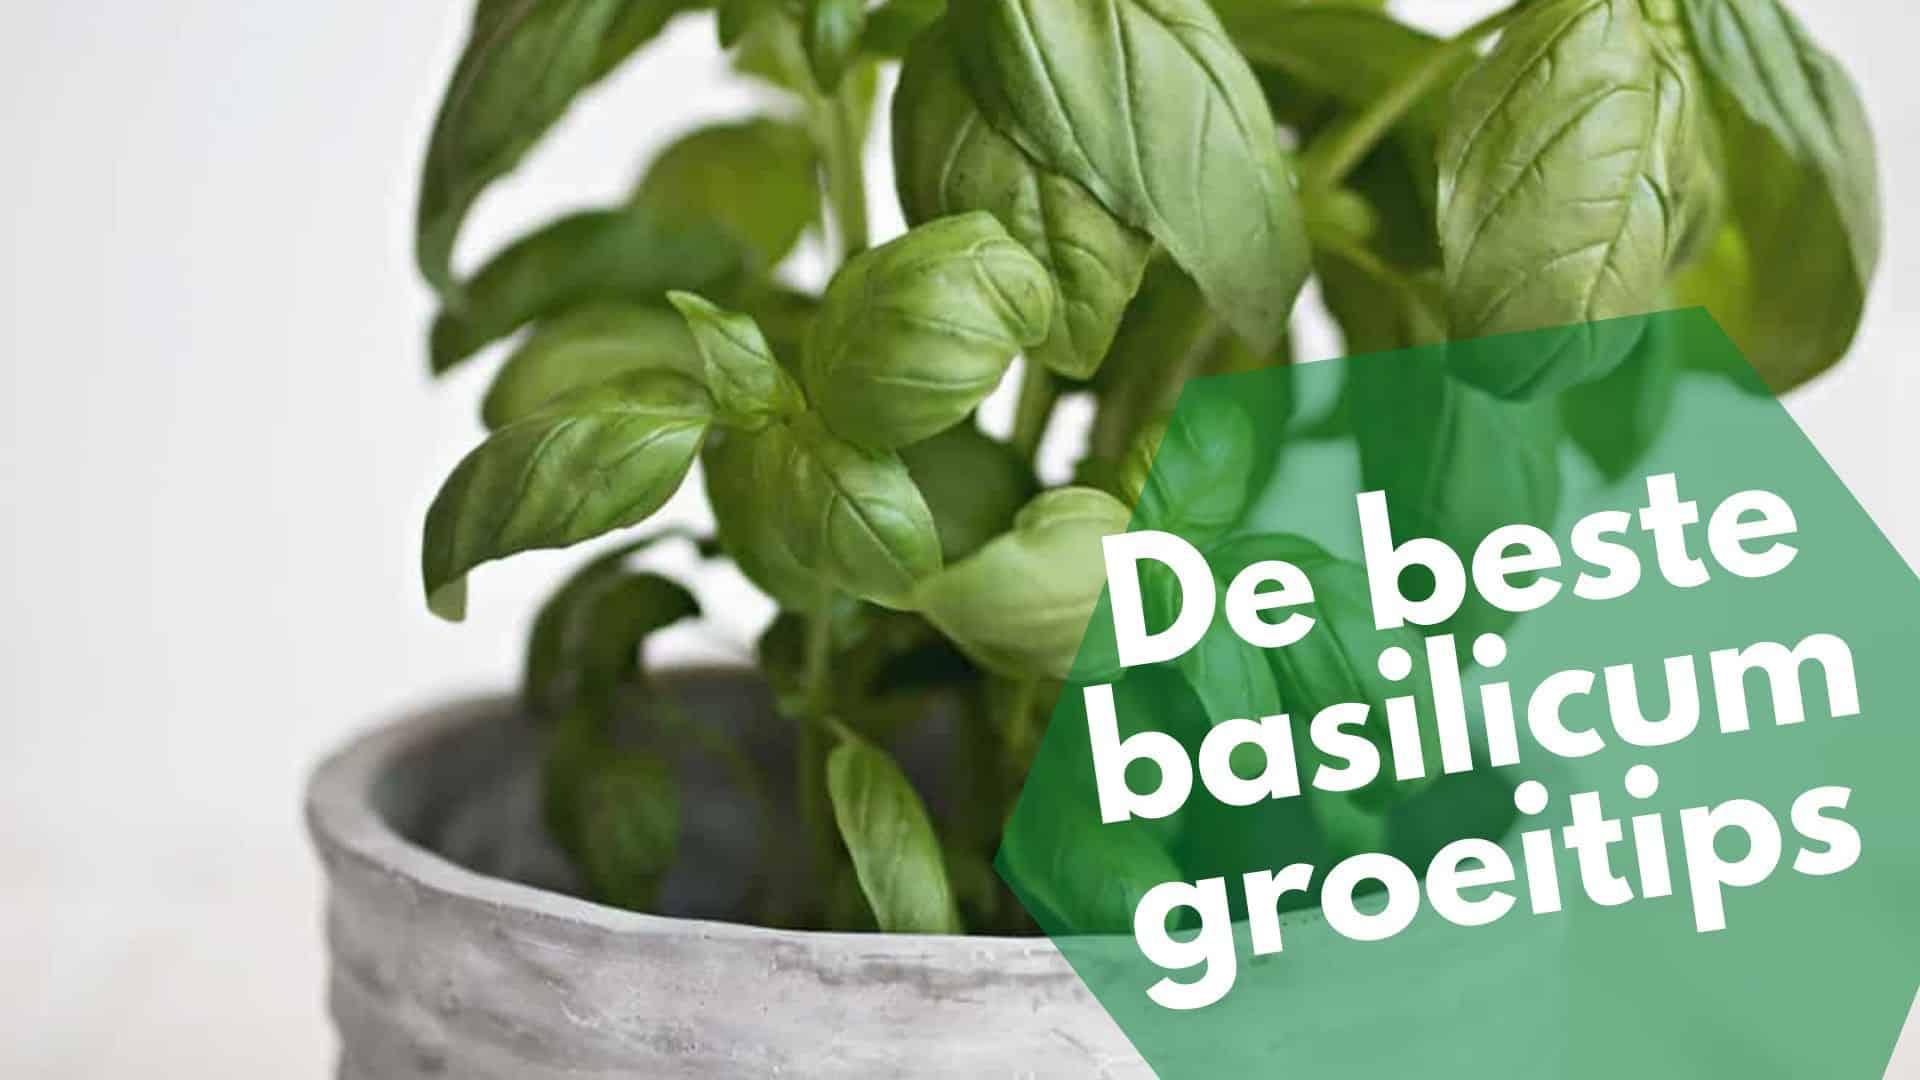 9 basilicum groei tips om de beste basilicumplanten in pot te kweken